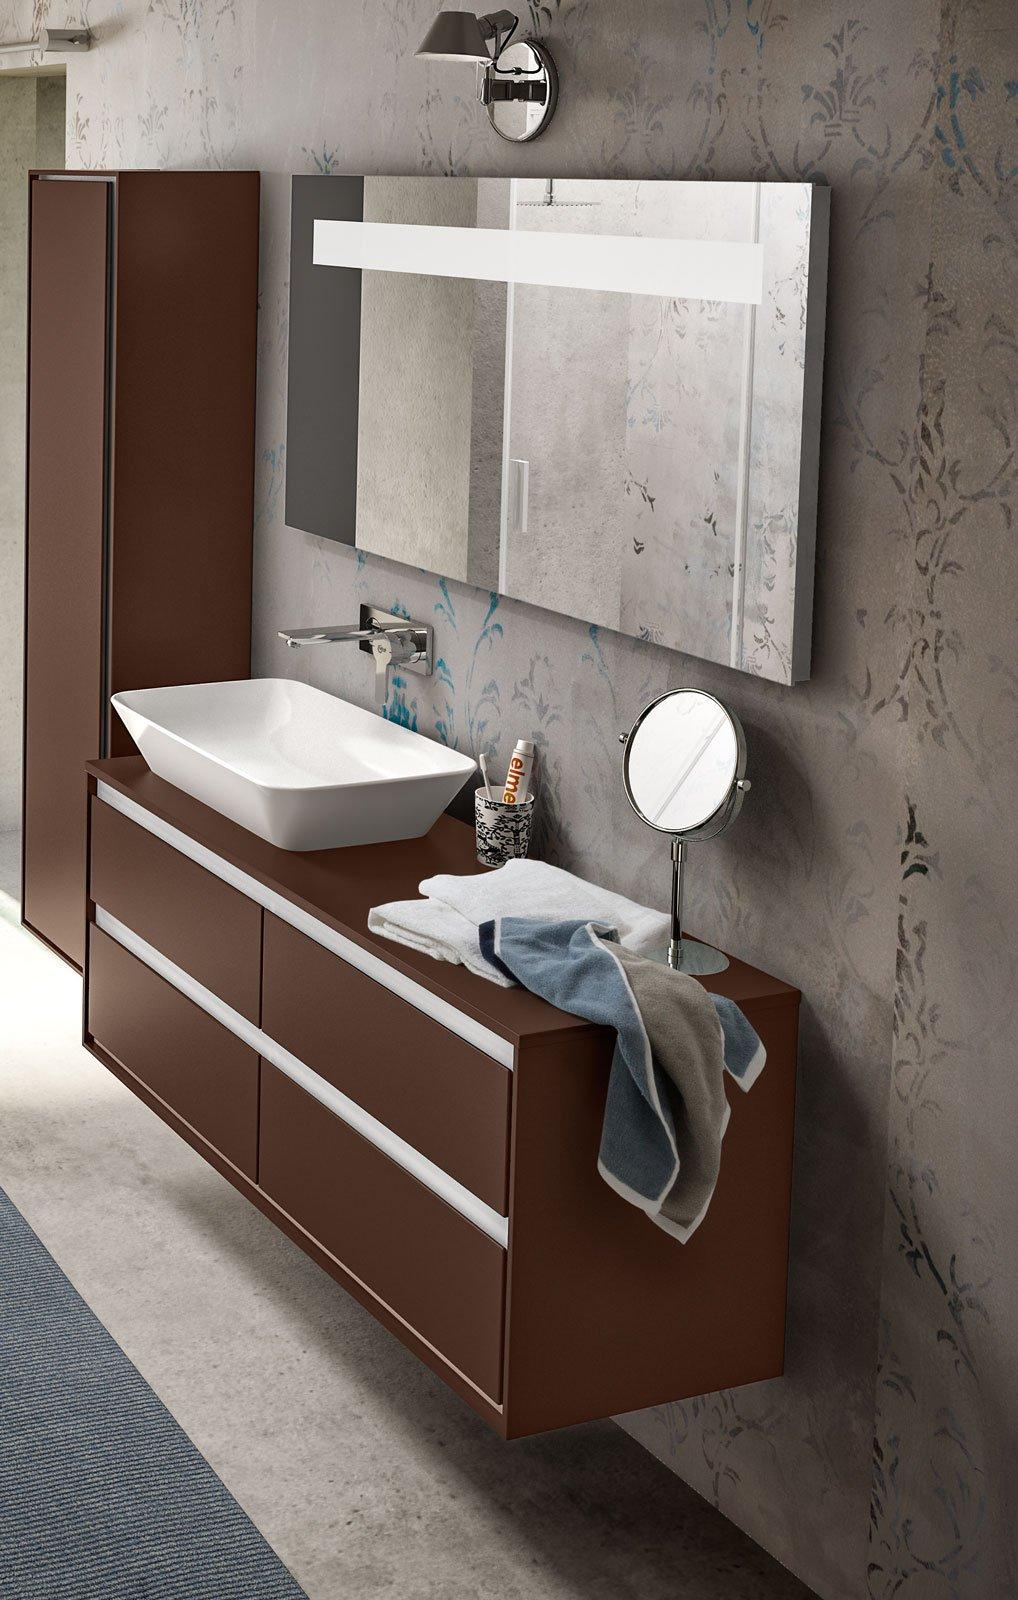 Bagno di casa xj76 regardsdefemmes - Detrazione fiscale rifacimento bagno ...